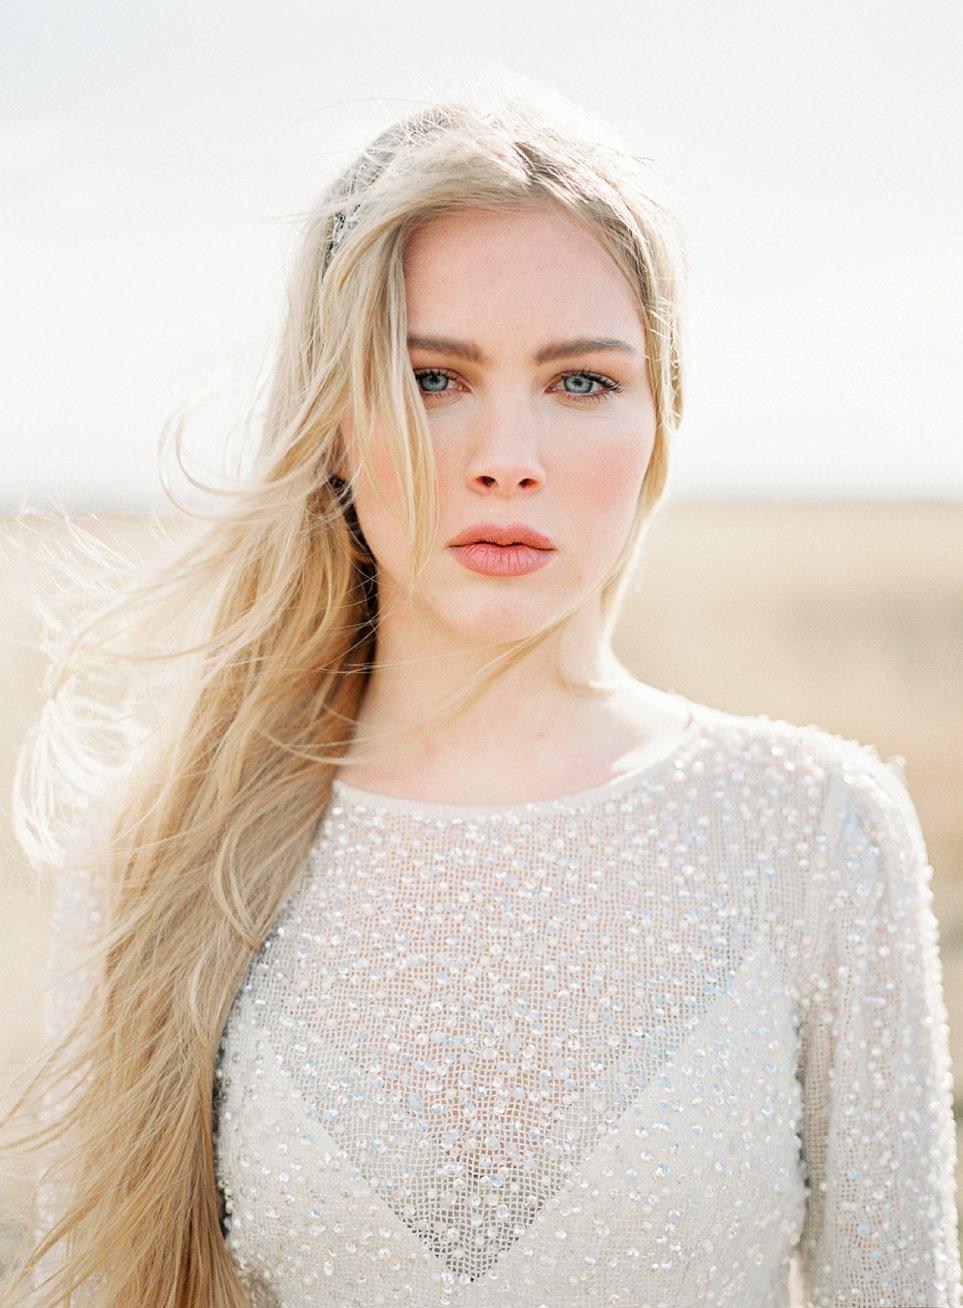 Amanda-Drost-modefotograaf-fashion-photography-editorial-odylyne-weddingdress_0020.jpg